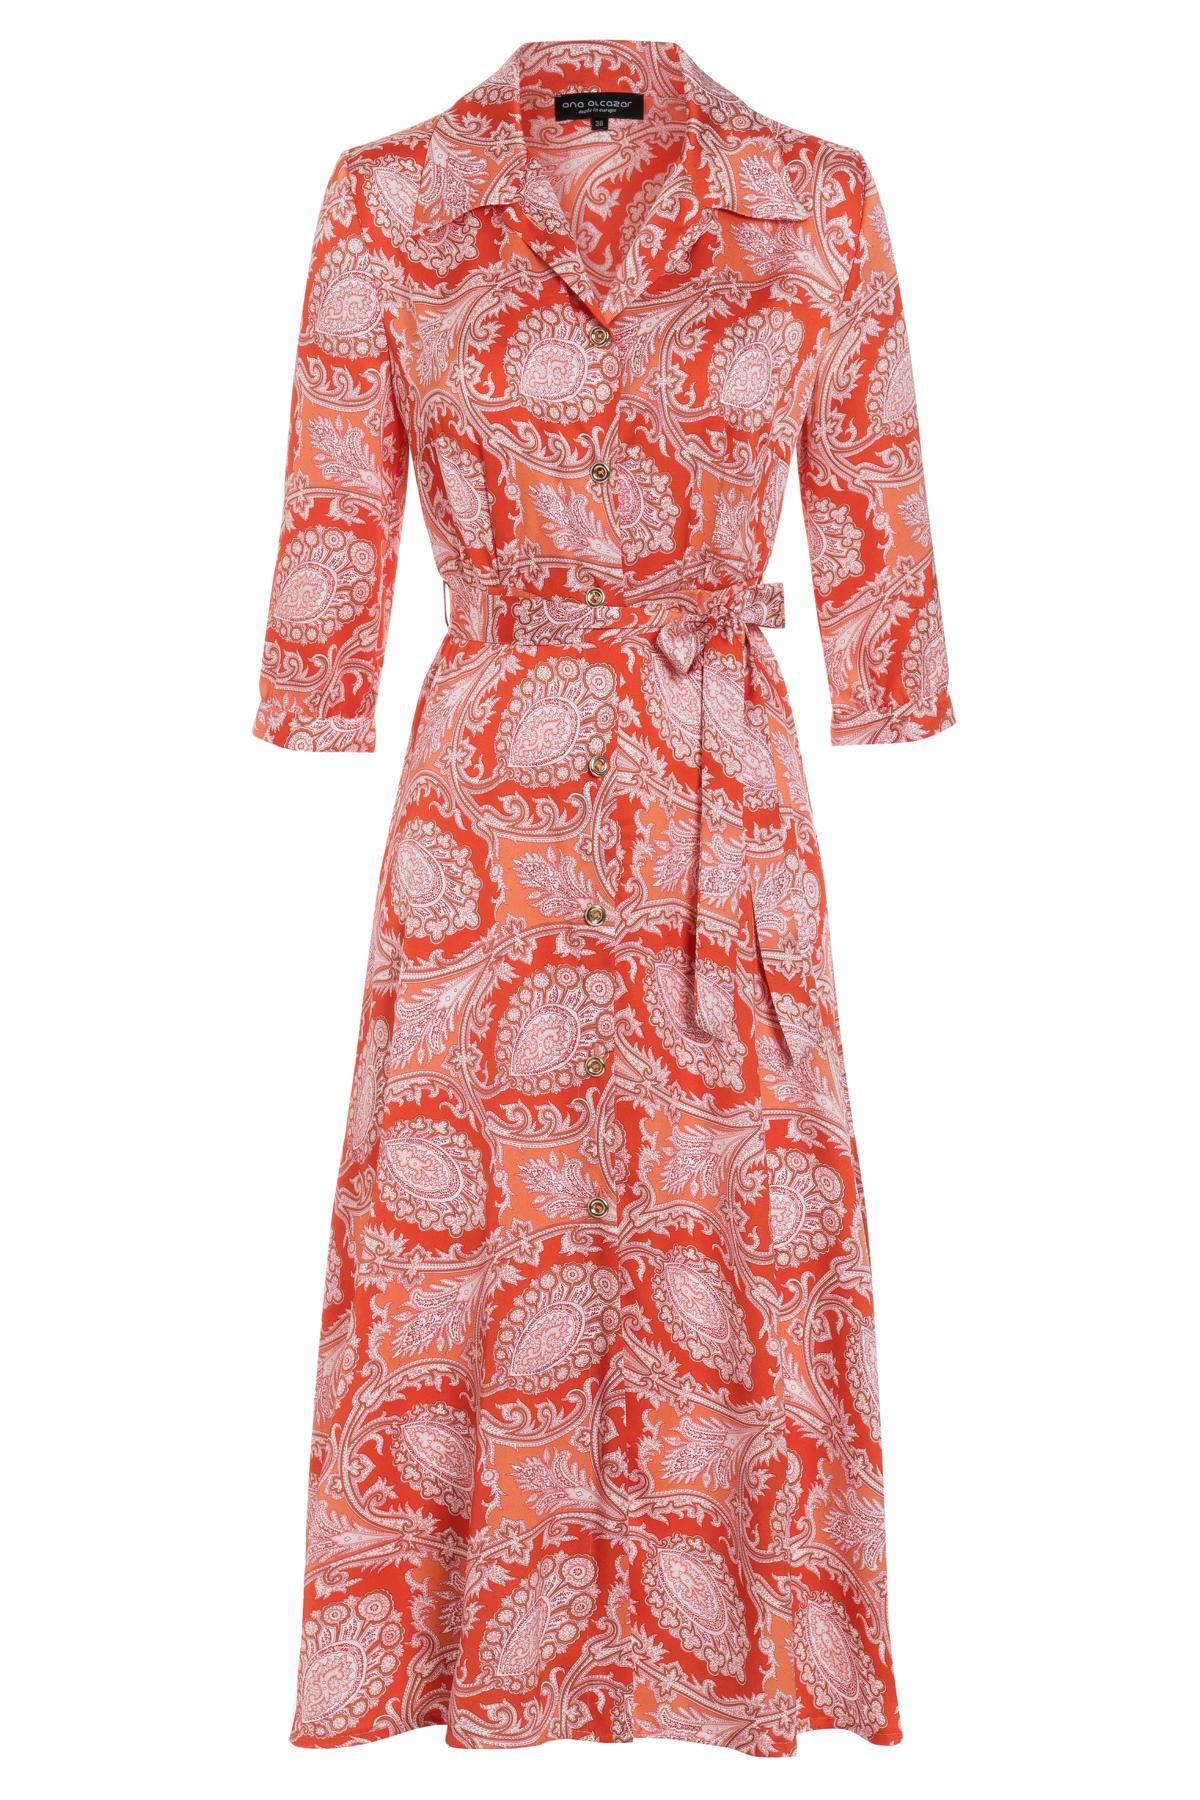 a7d7f38adcf71b Rotes Kleid online kaufen » Rote Kleider bei Ana Alcazar